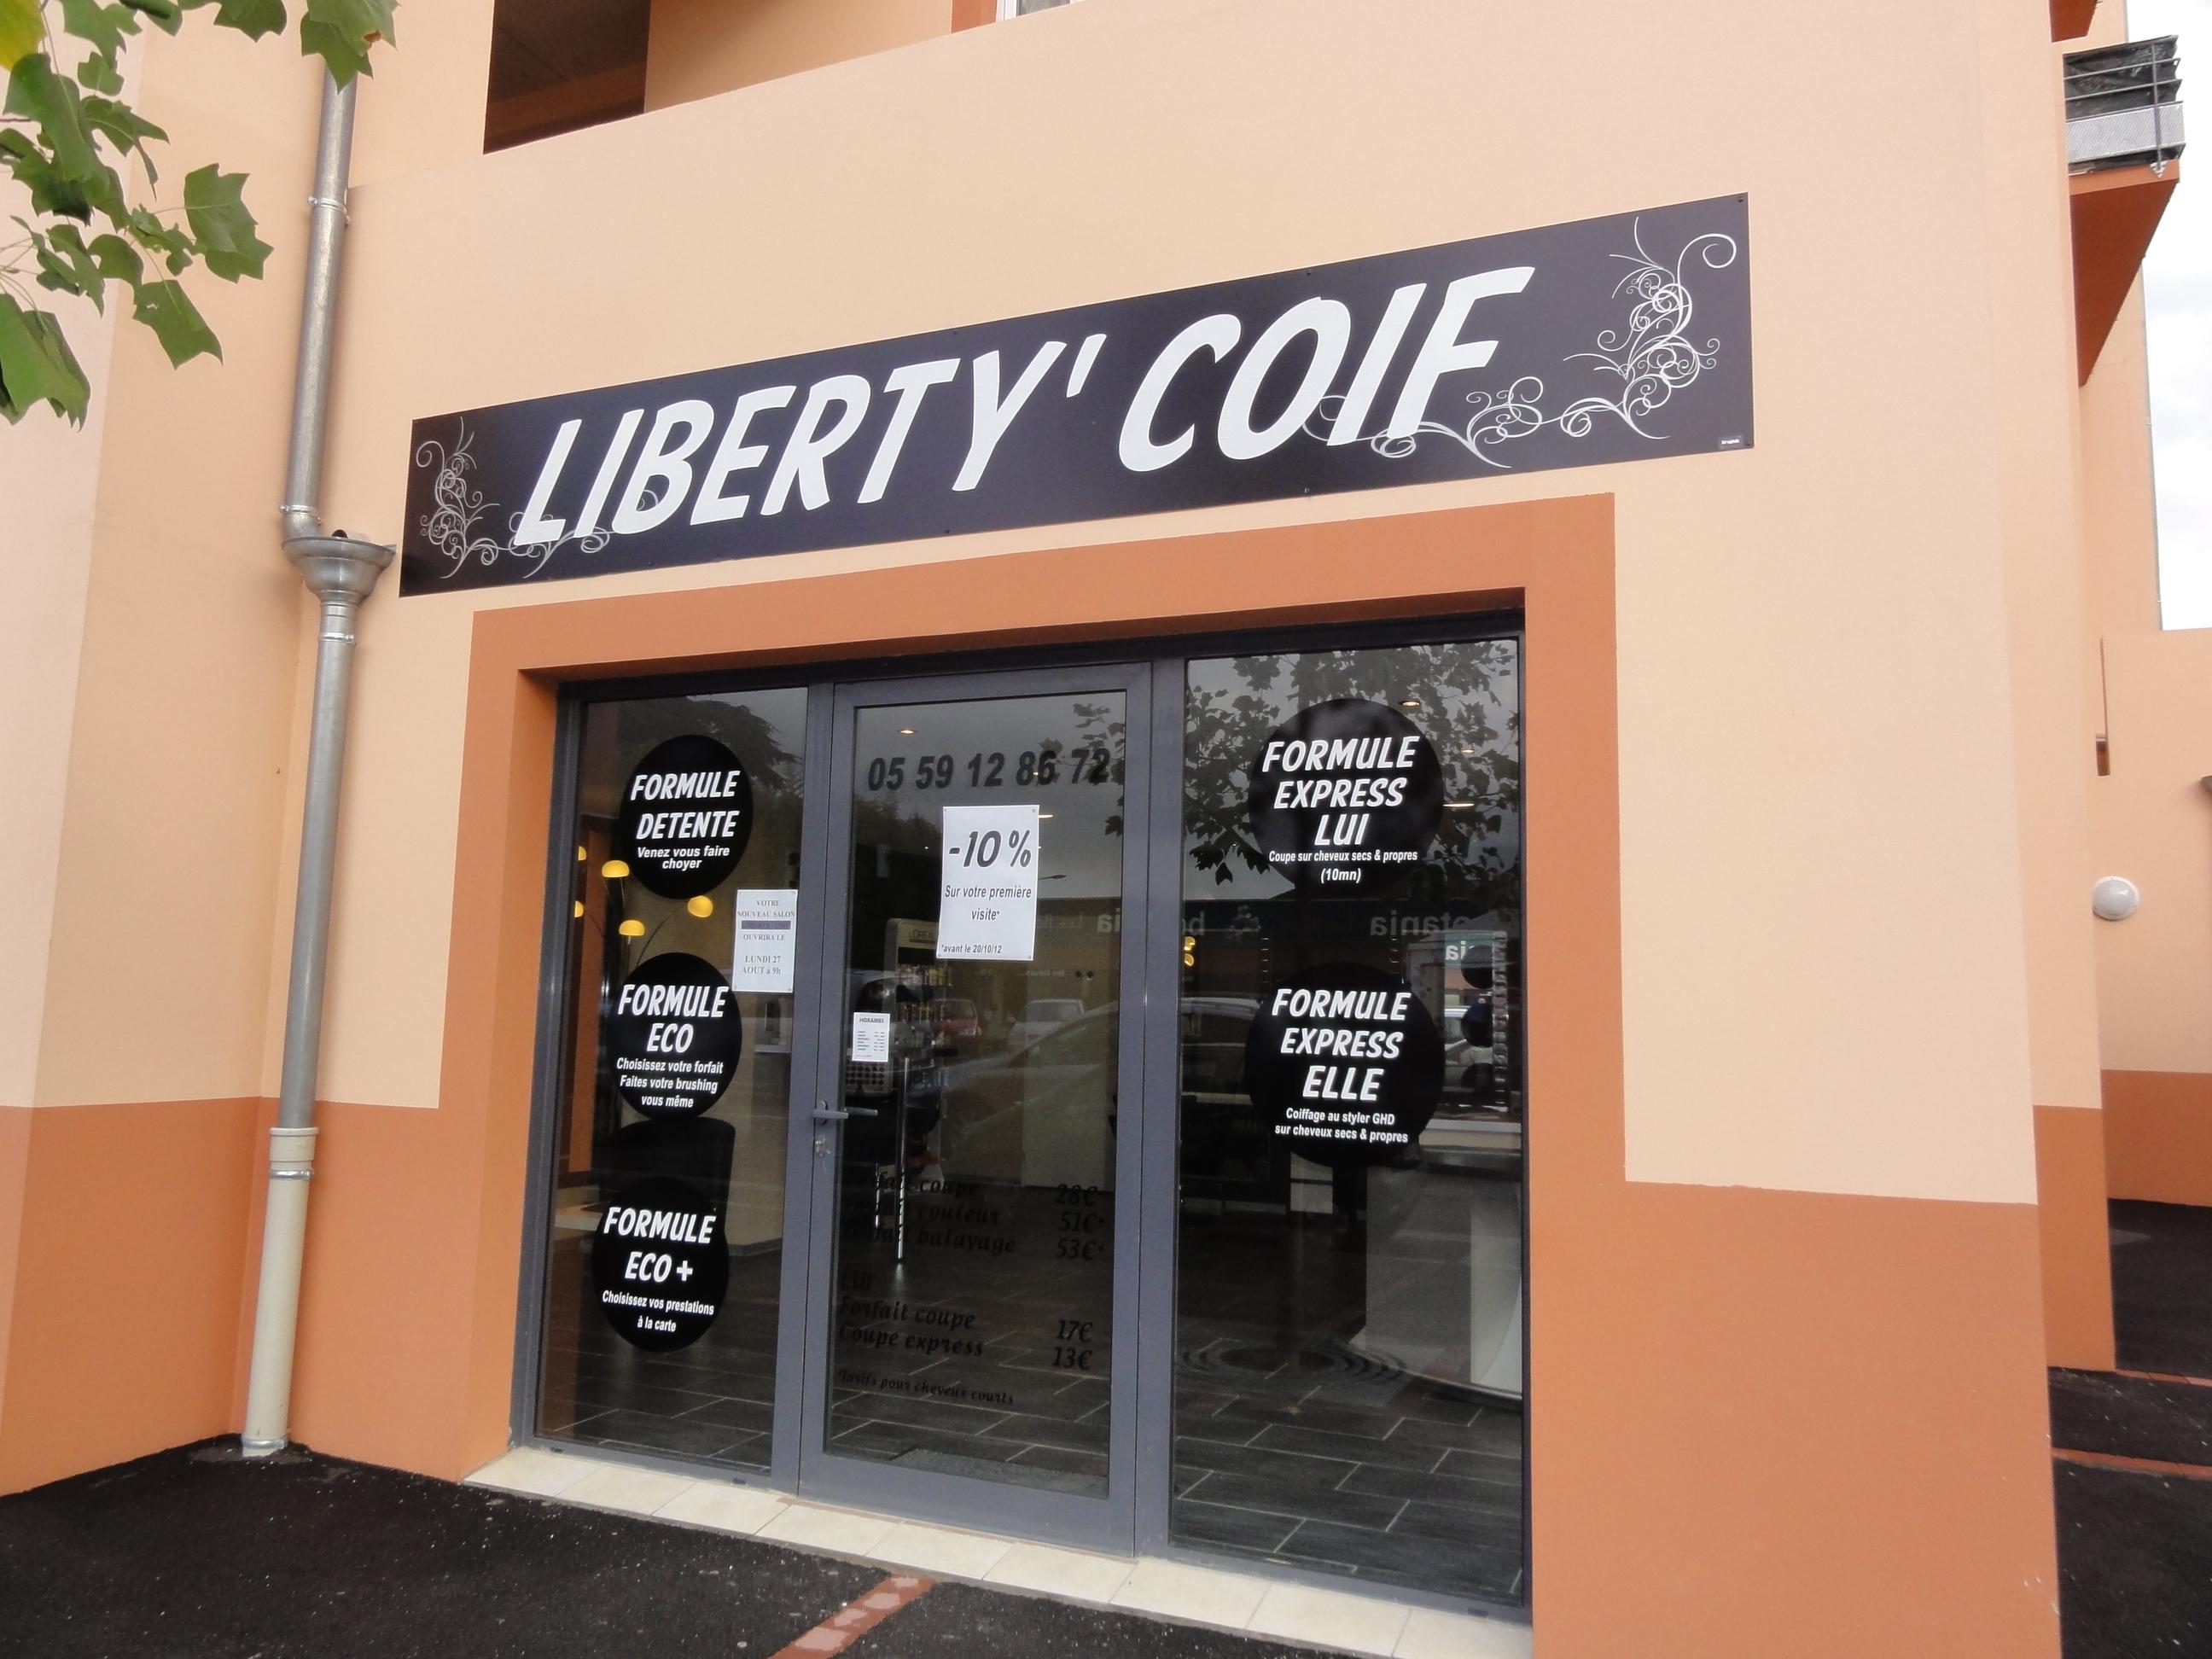 Liberty' Coif